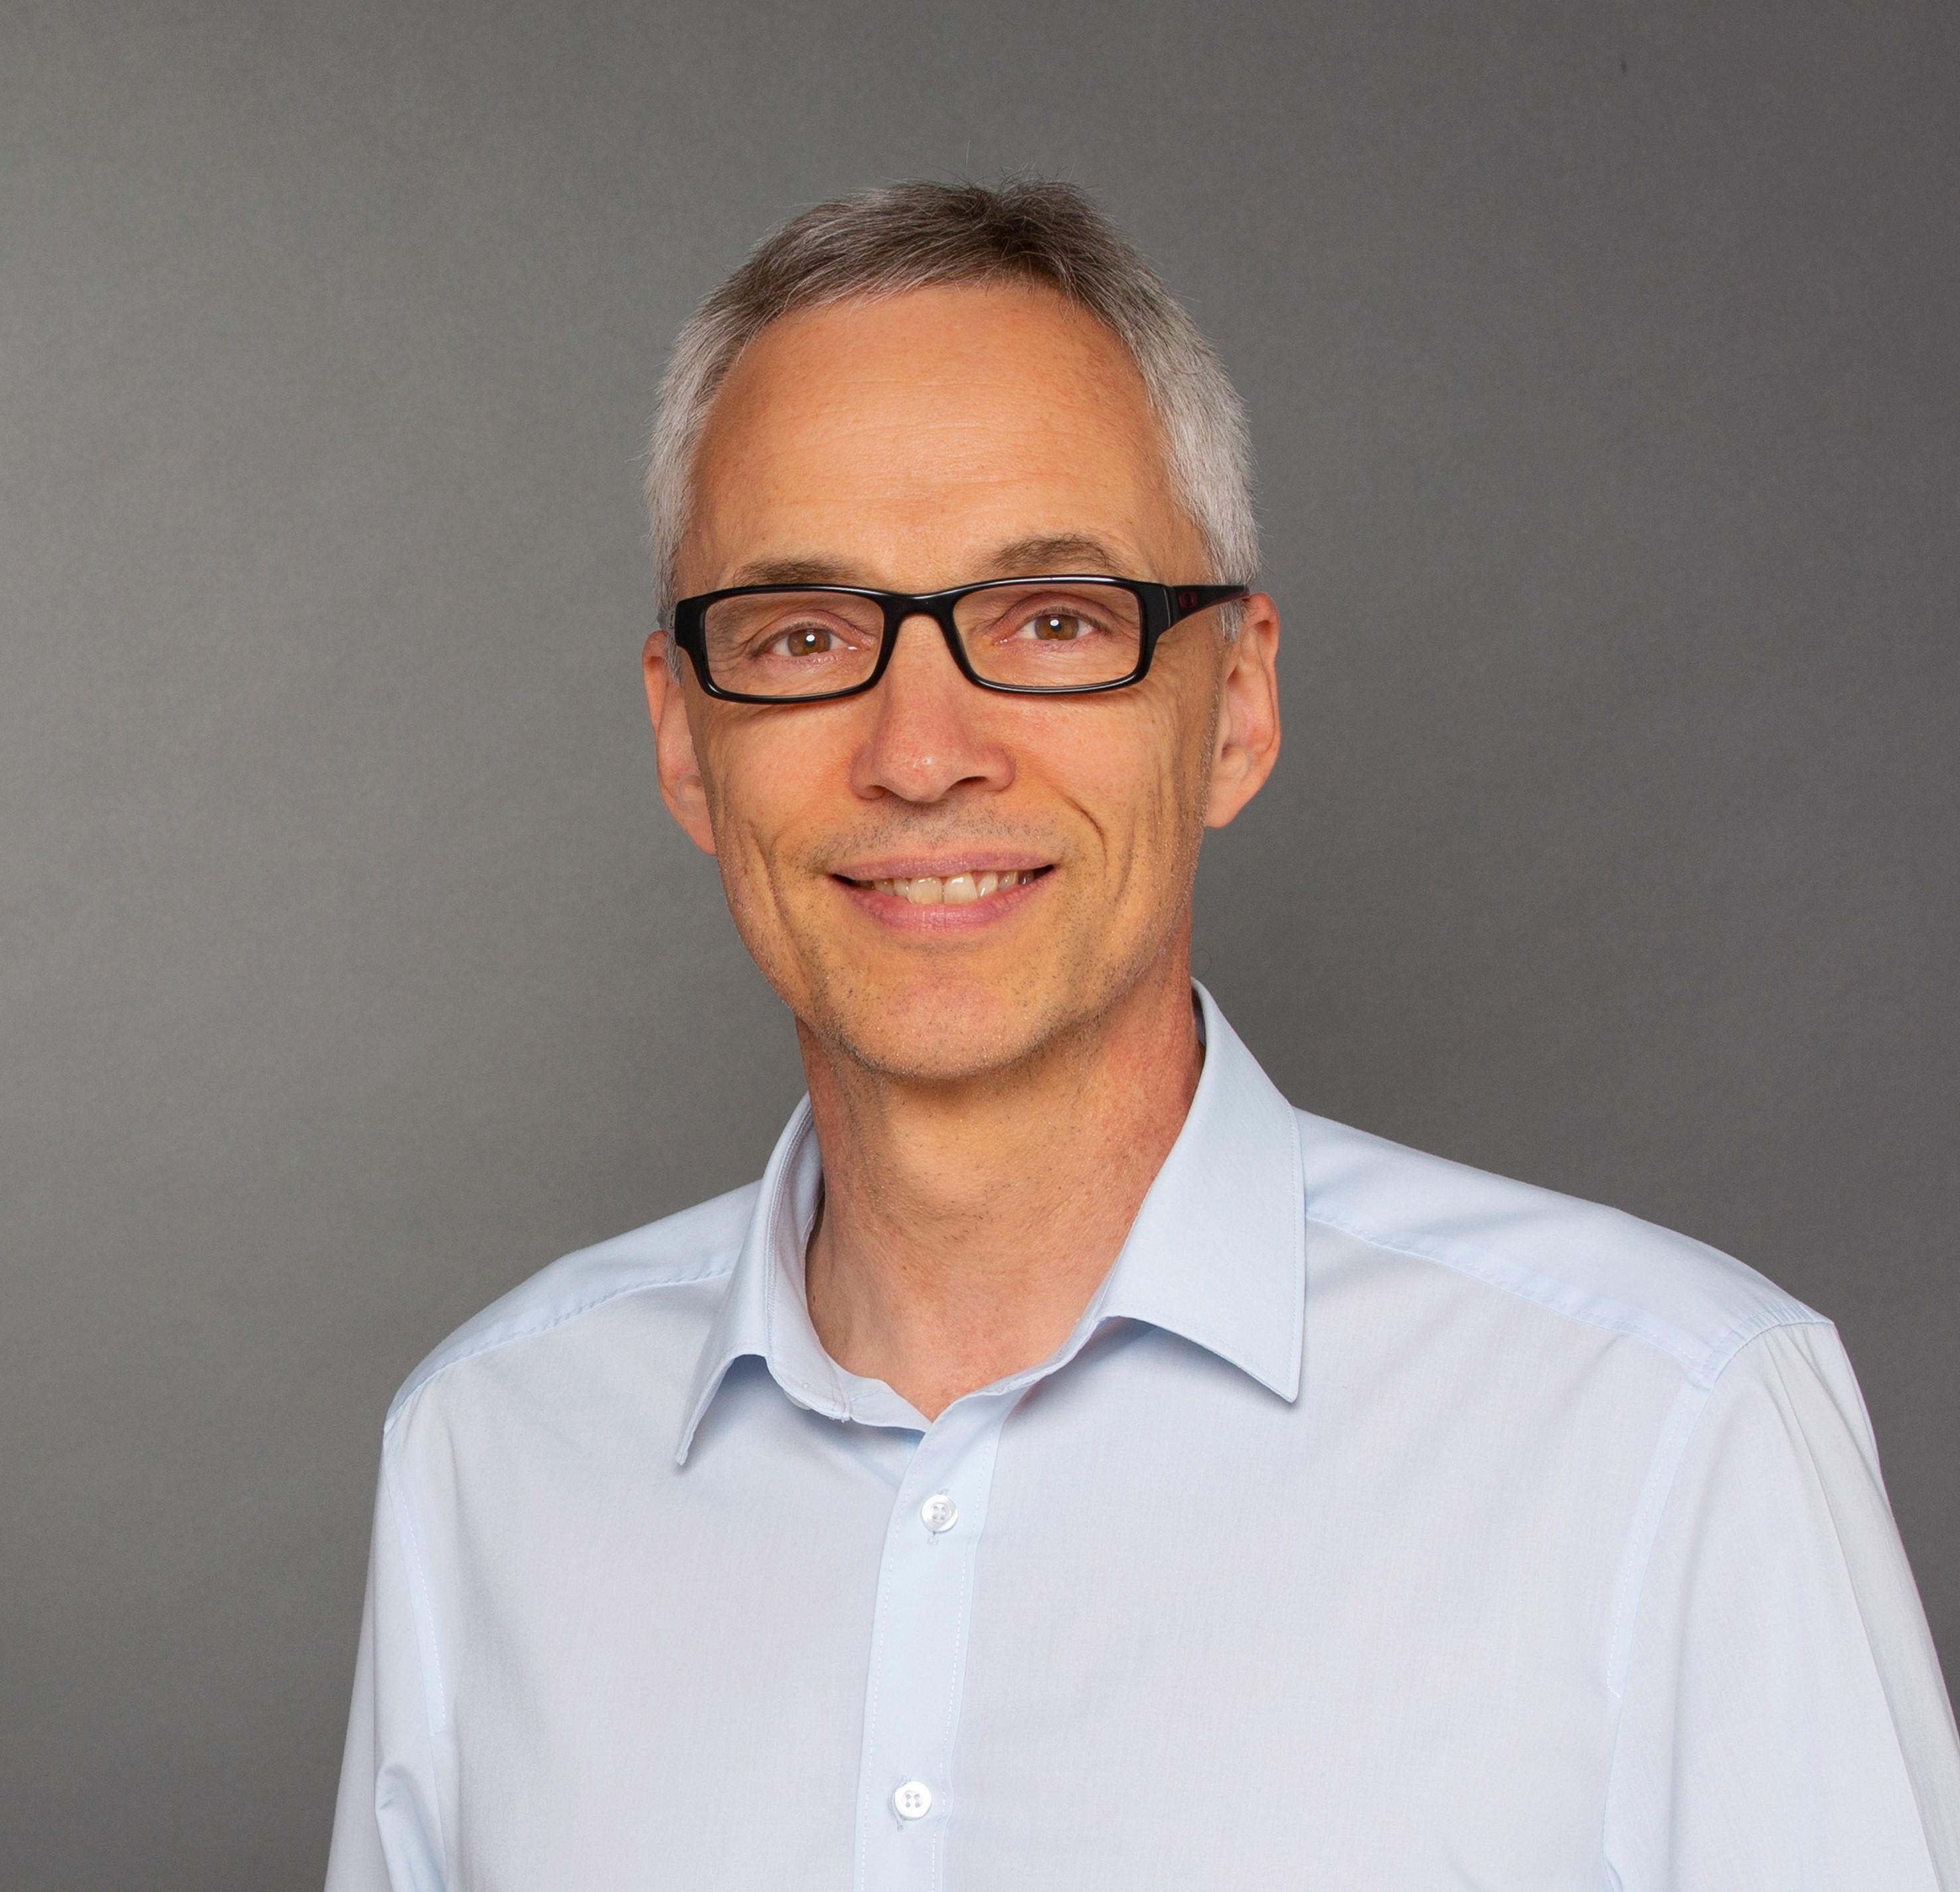 Professor Dr.-Ing. Hans-Jürgen Odenthal